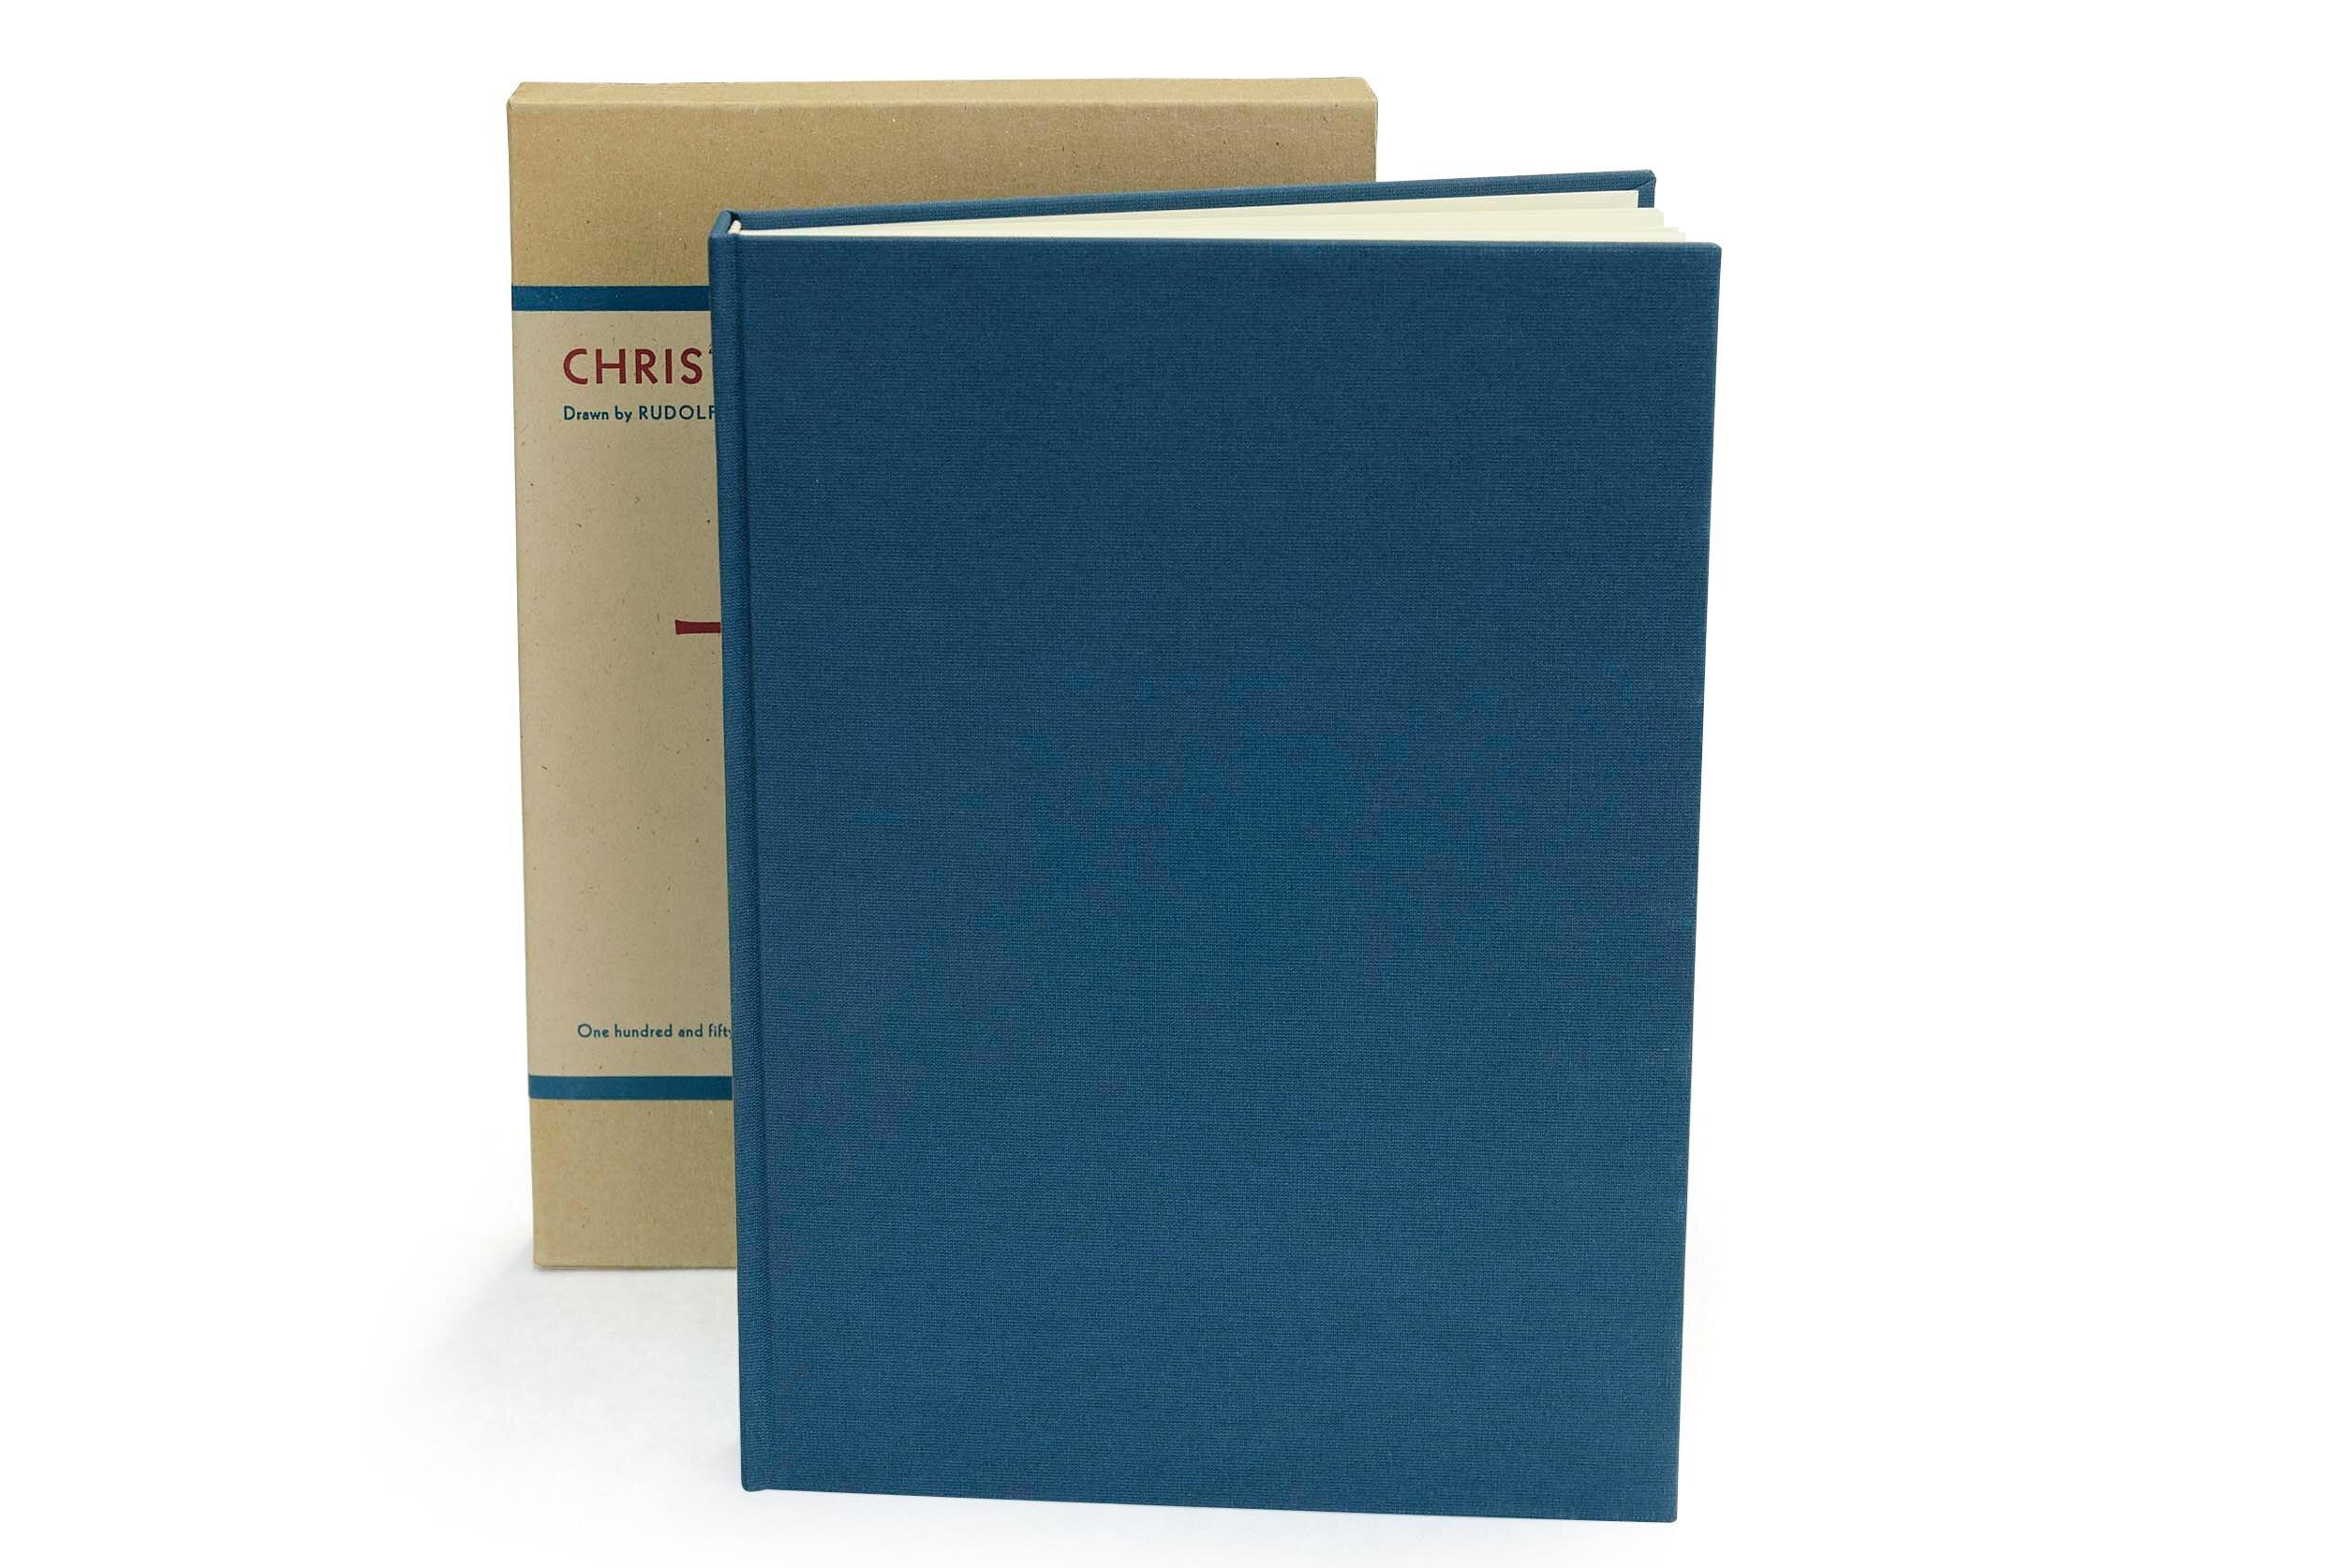 Standard binding